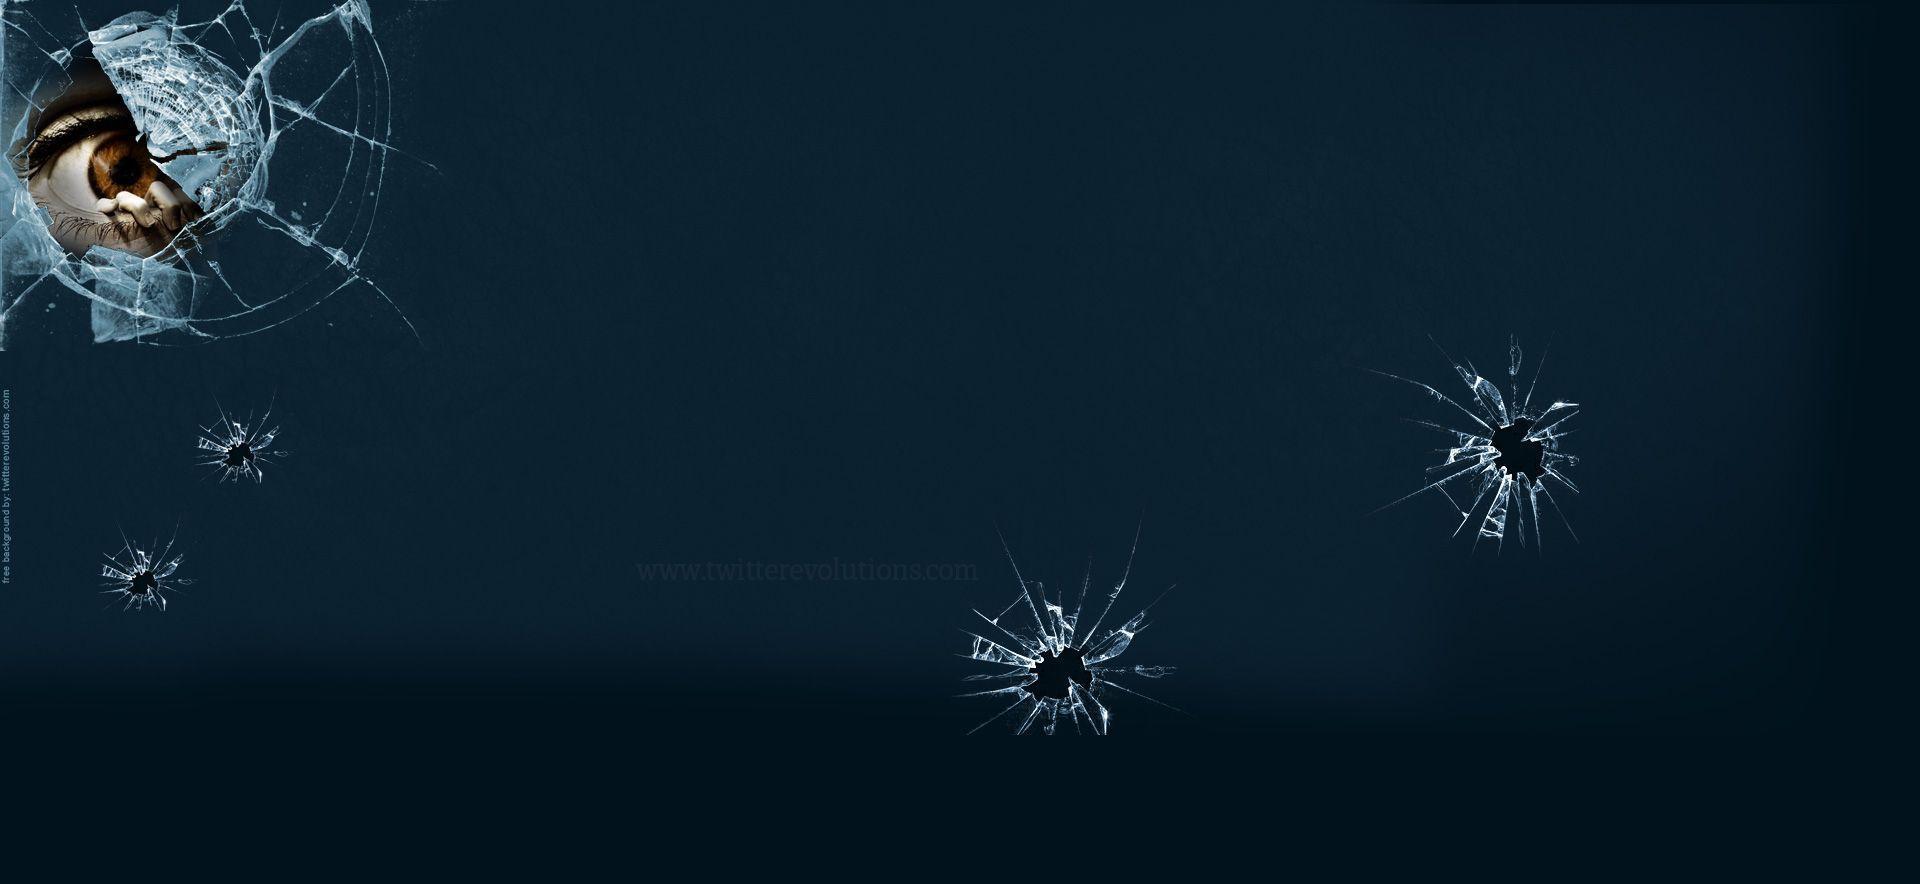 broken window wallpapers - photo #25